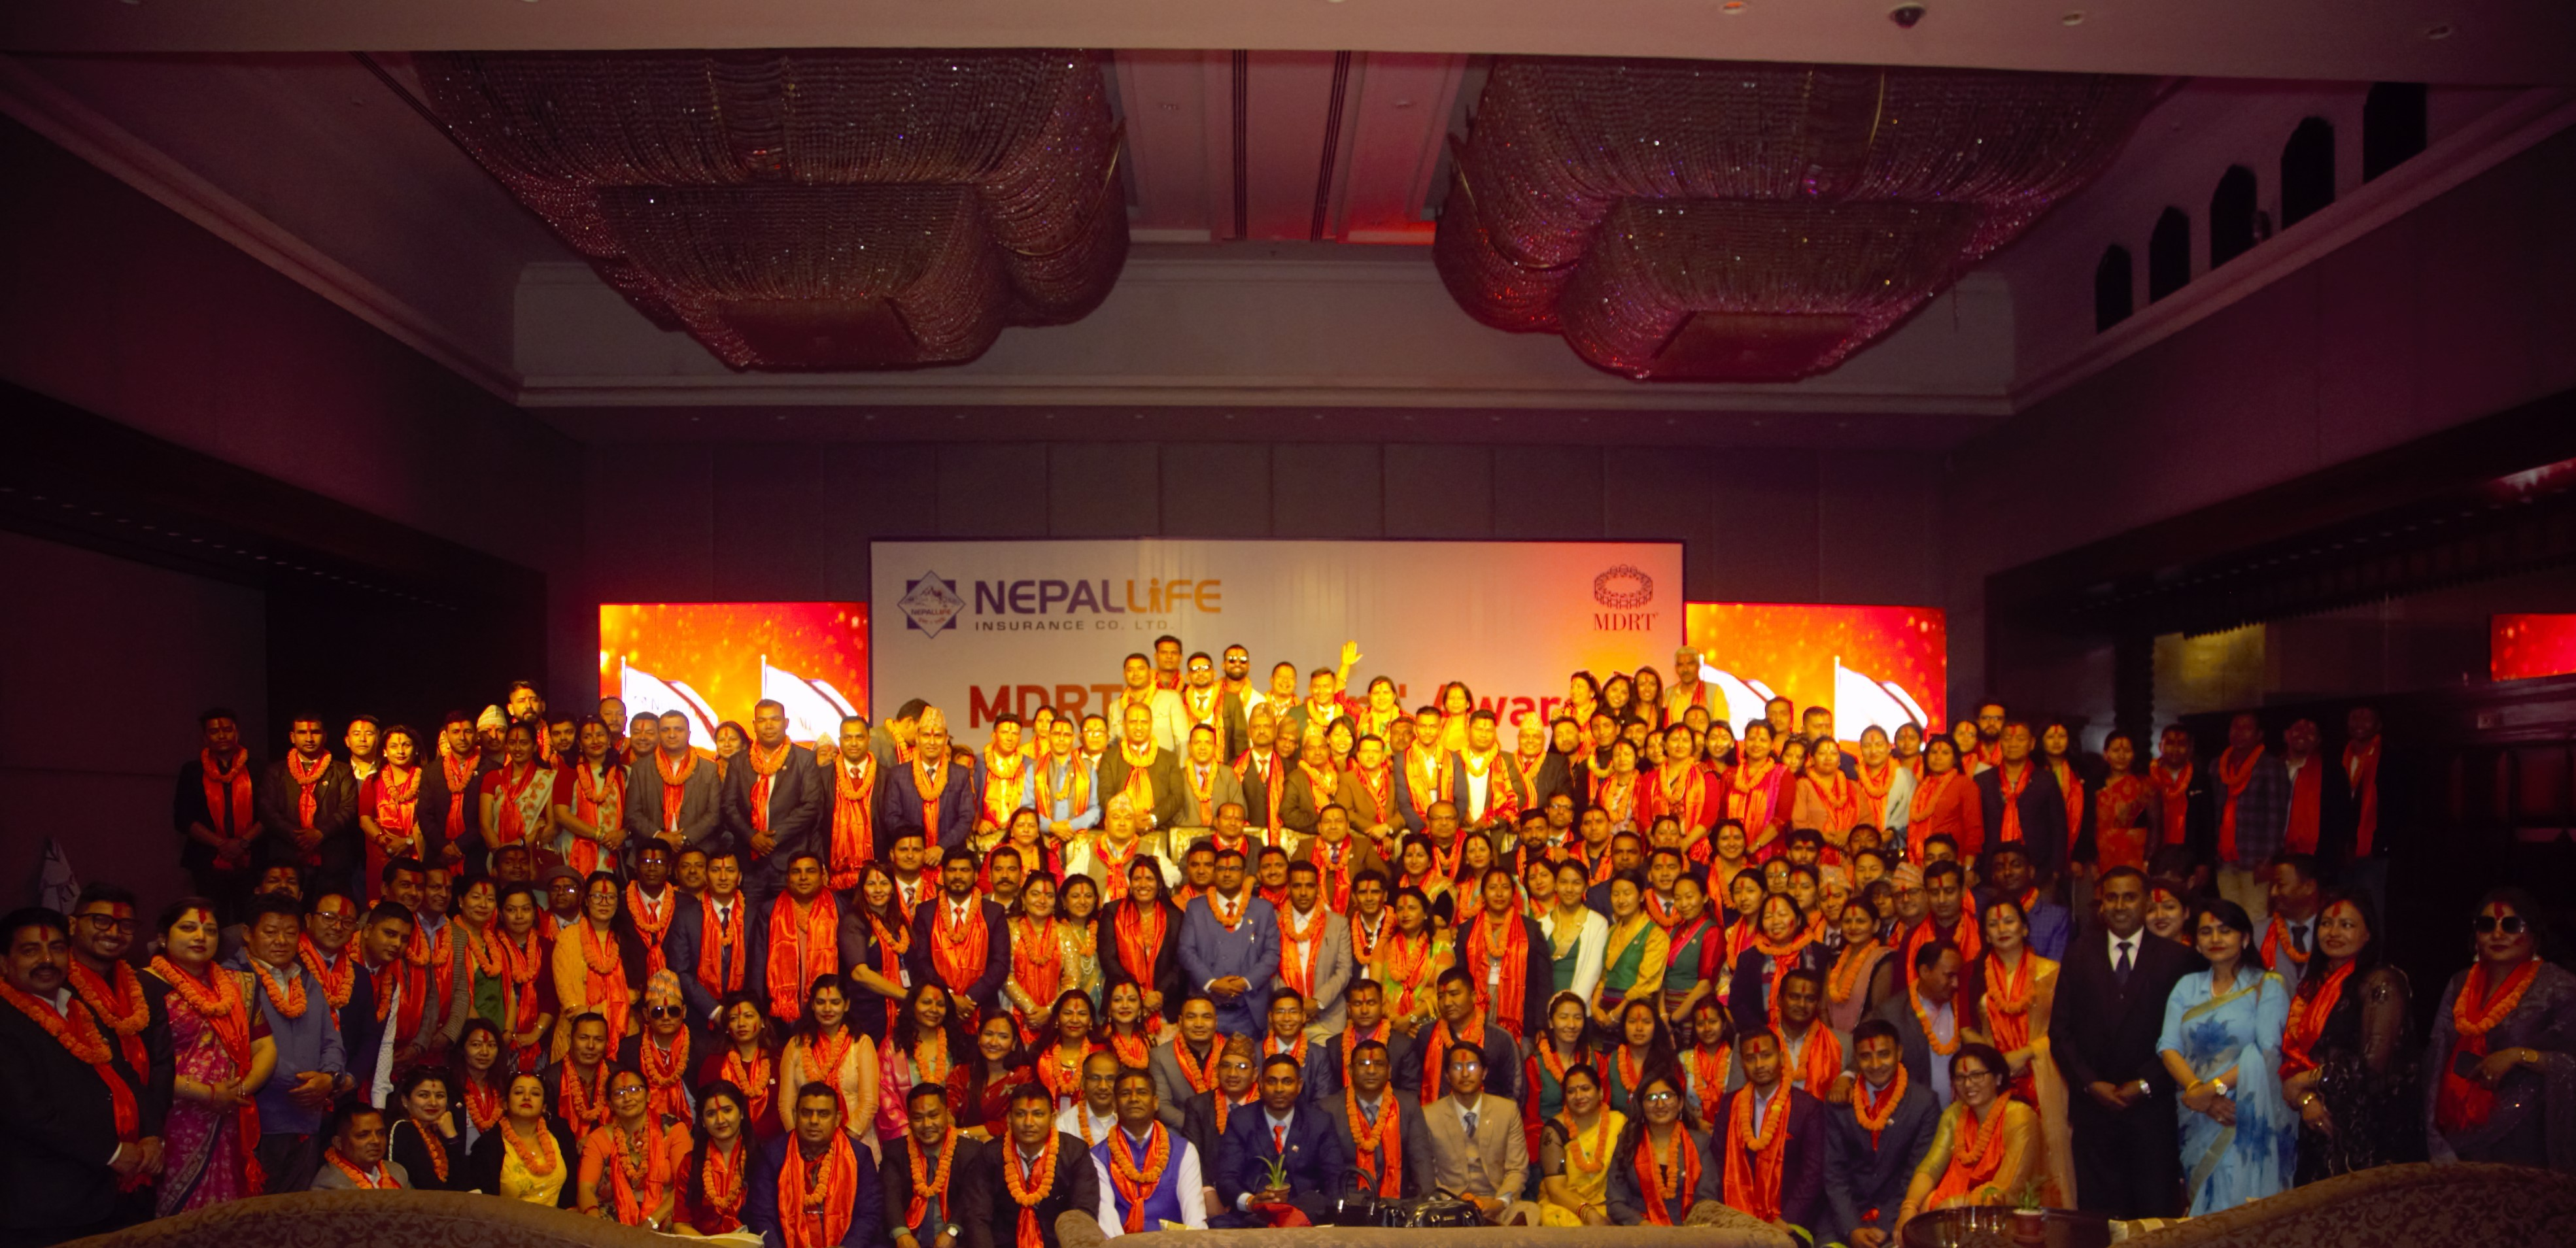 नेपाल लाइफको एमडीआरटी सम्मान